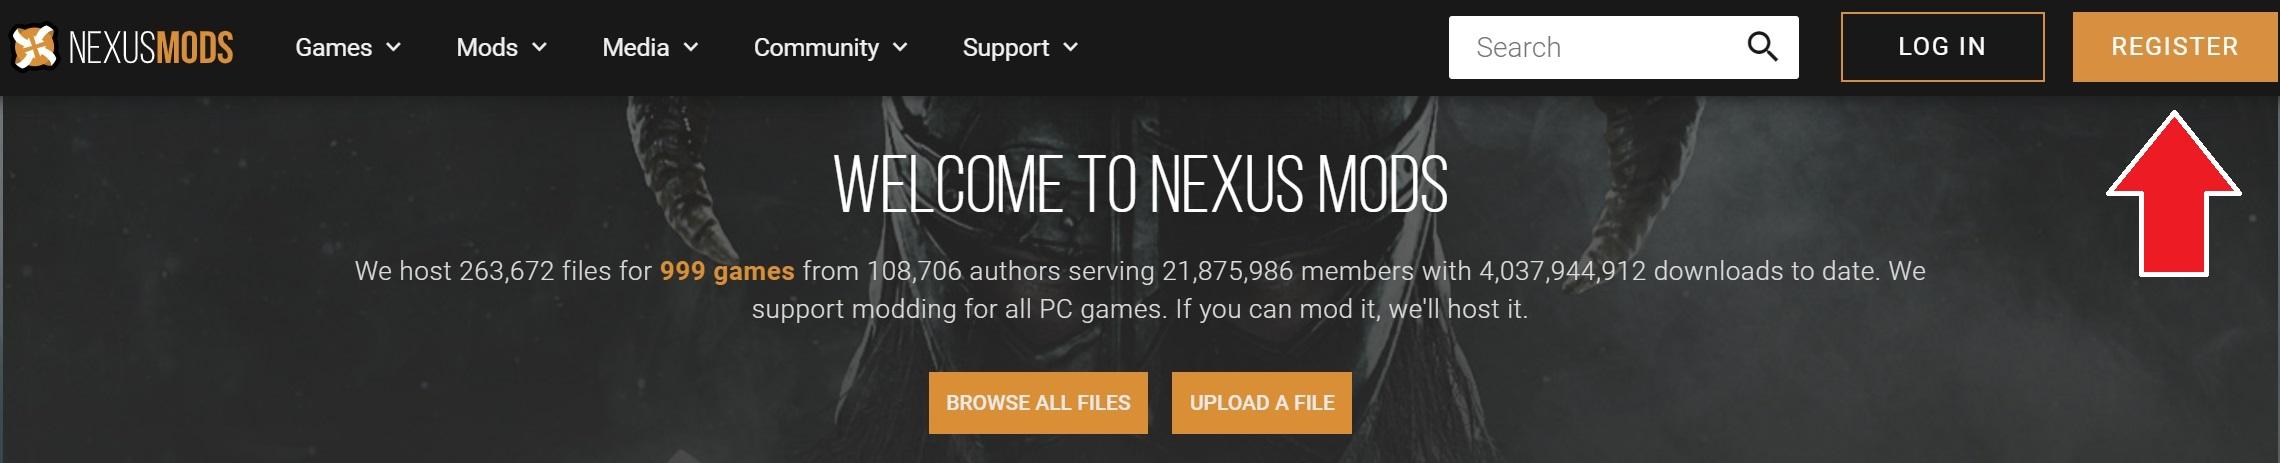 NEXUS_MODS-01